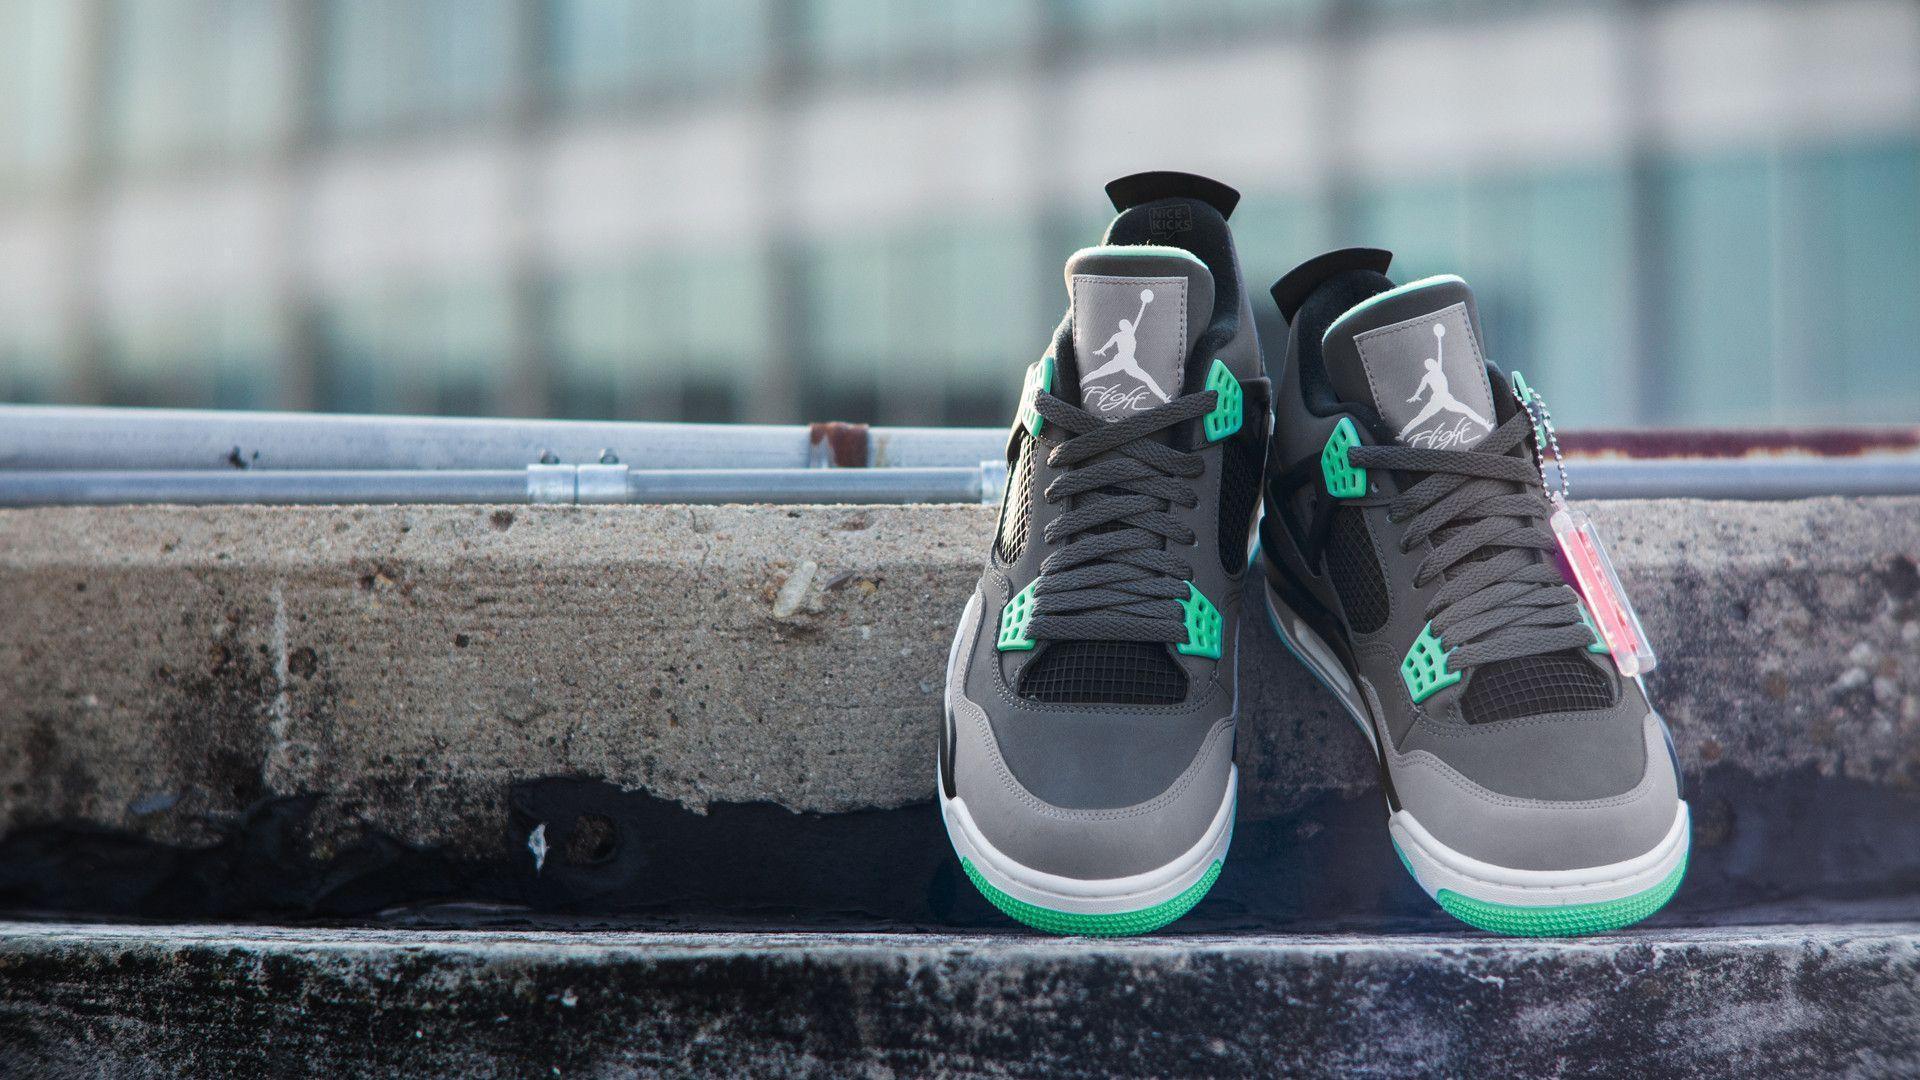 Air Jordan Wallpaper Desktop: Air Jordan Shoes Wallpapers